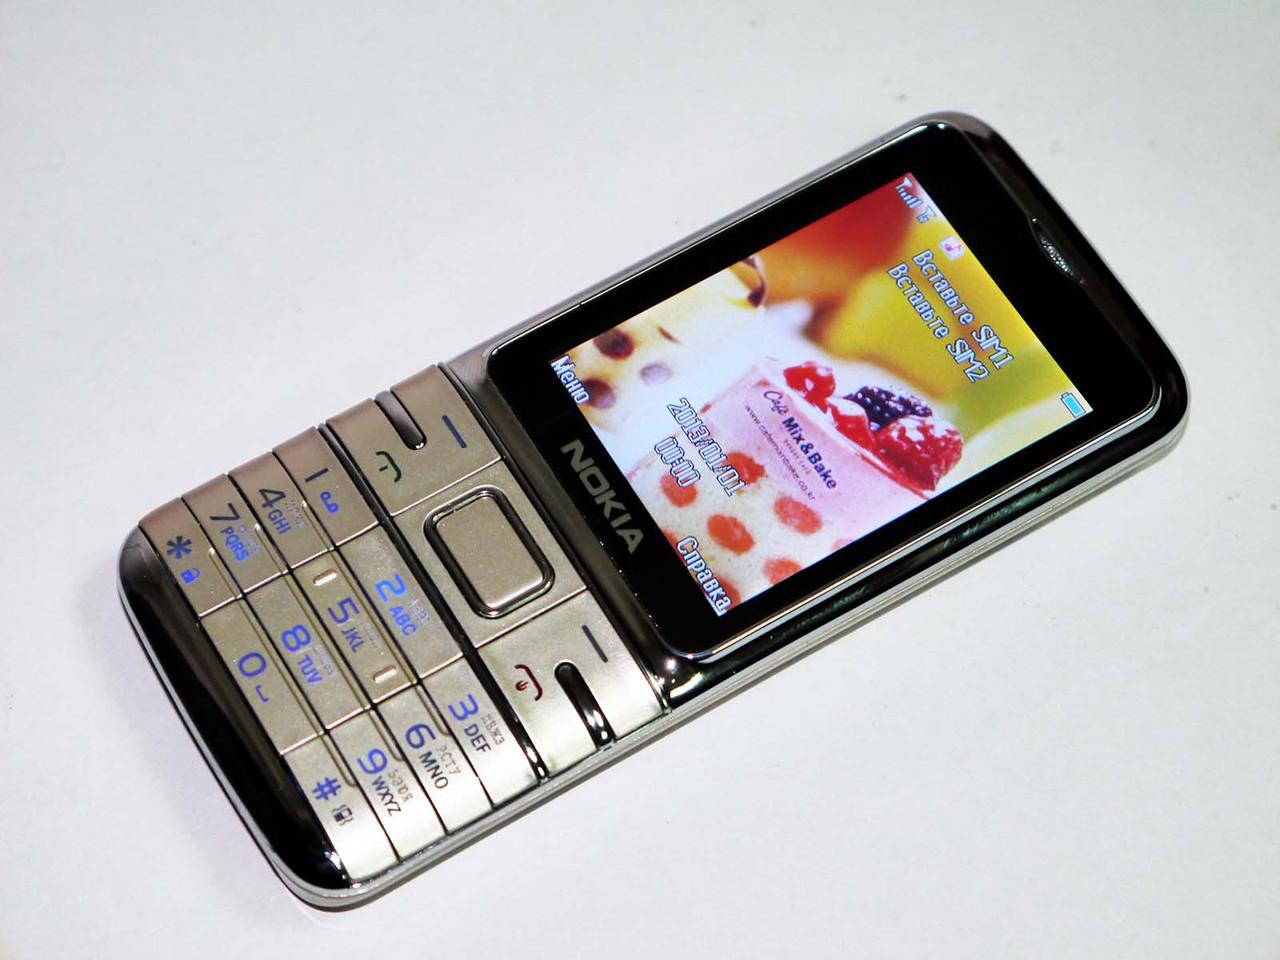 Nokia L300 Золотой - 2Sim+Bluetoth+Camera, фото 1